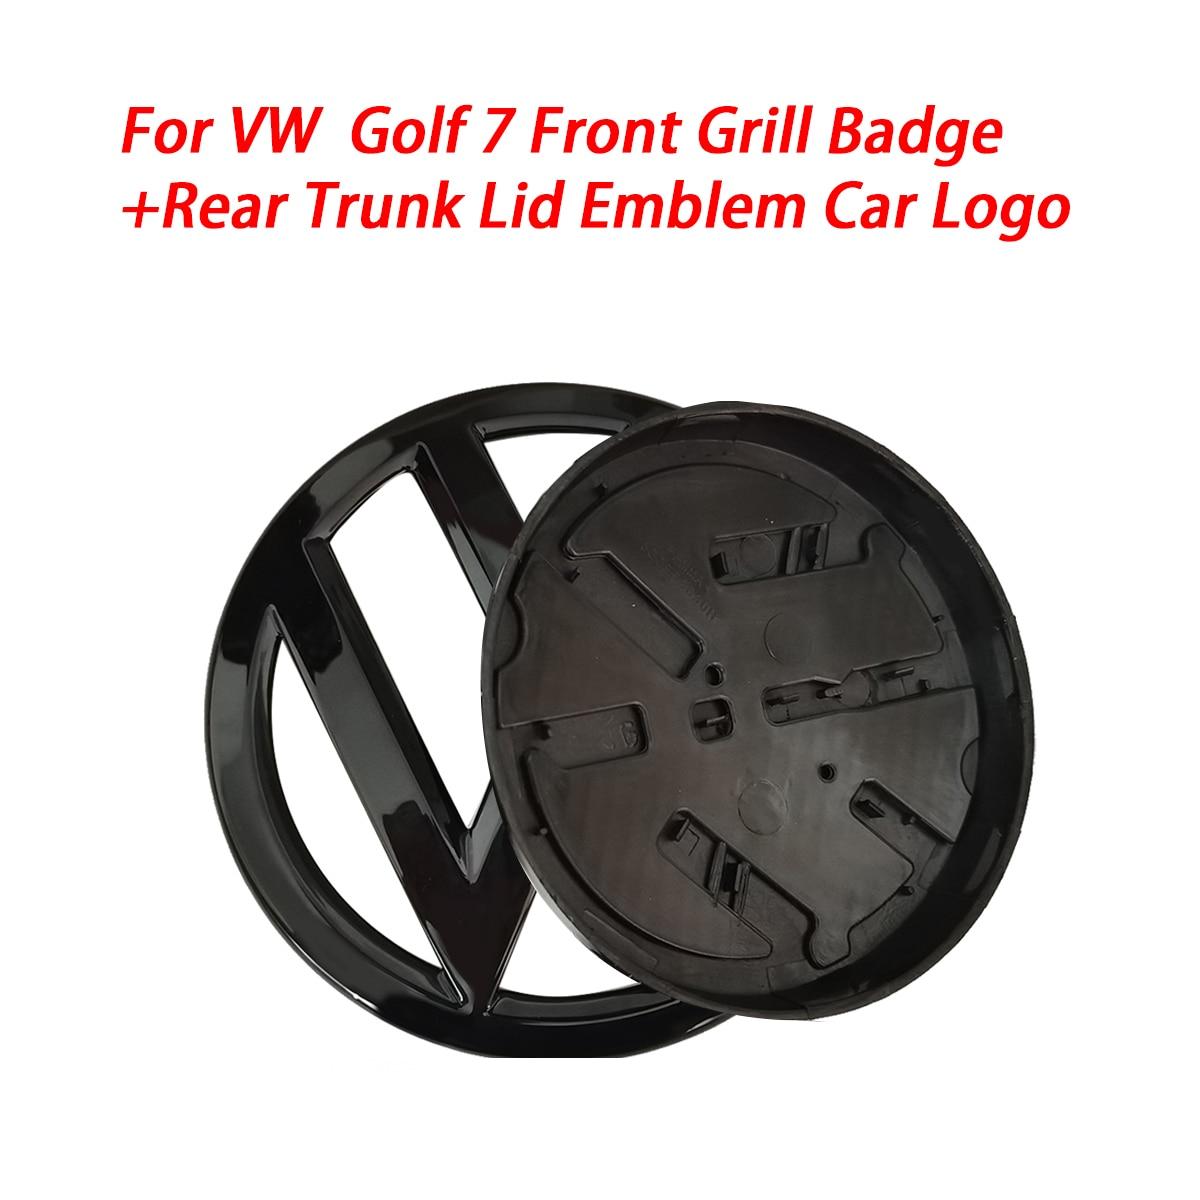 Глянцевый черный 138 мм передний значок на гриль + 110 мм Задняя Крышка багажника эмблема логотип автомобиля подходит для VW Volkswagen Golf MK7 все моде...